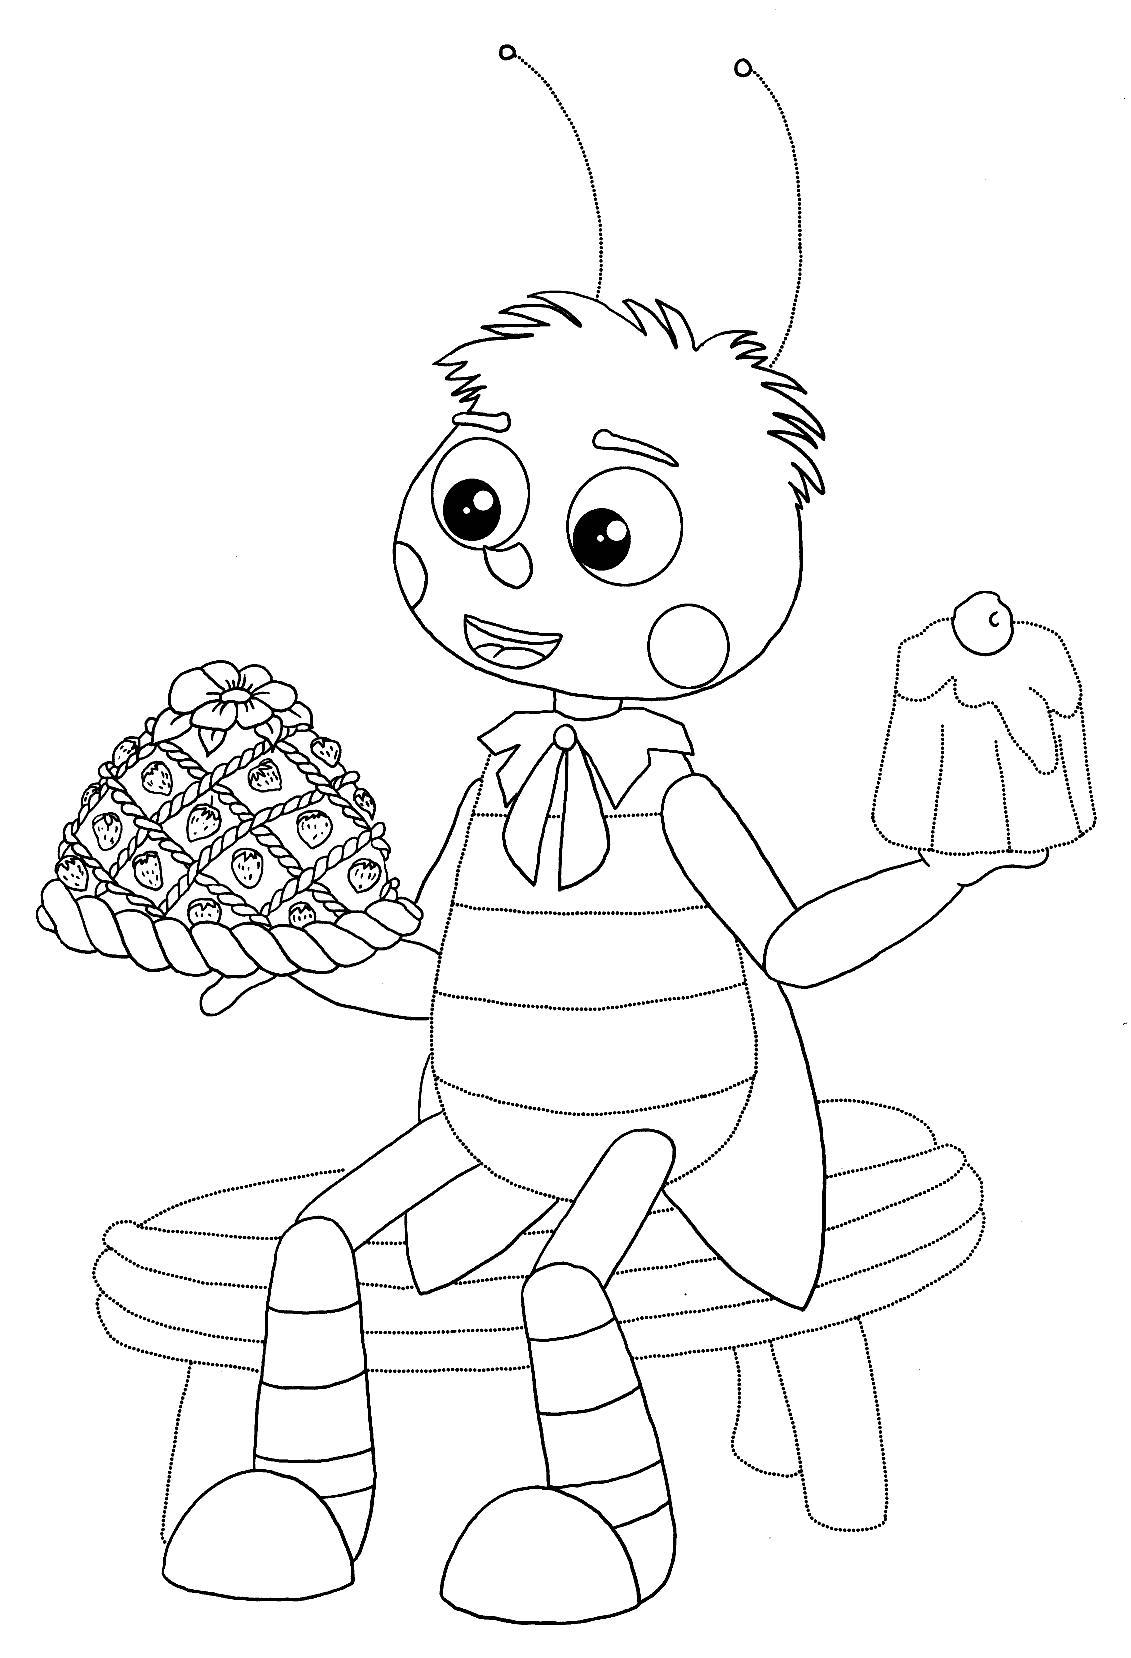 пчеленок с пирогом раскраска из мультфильма лунтик и его